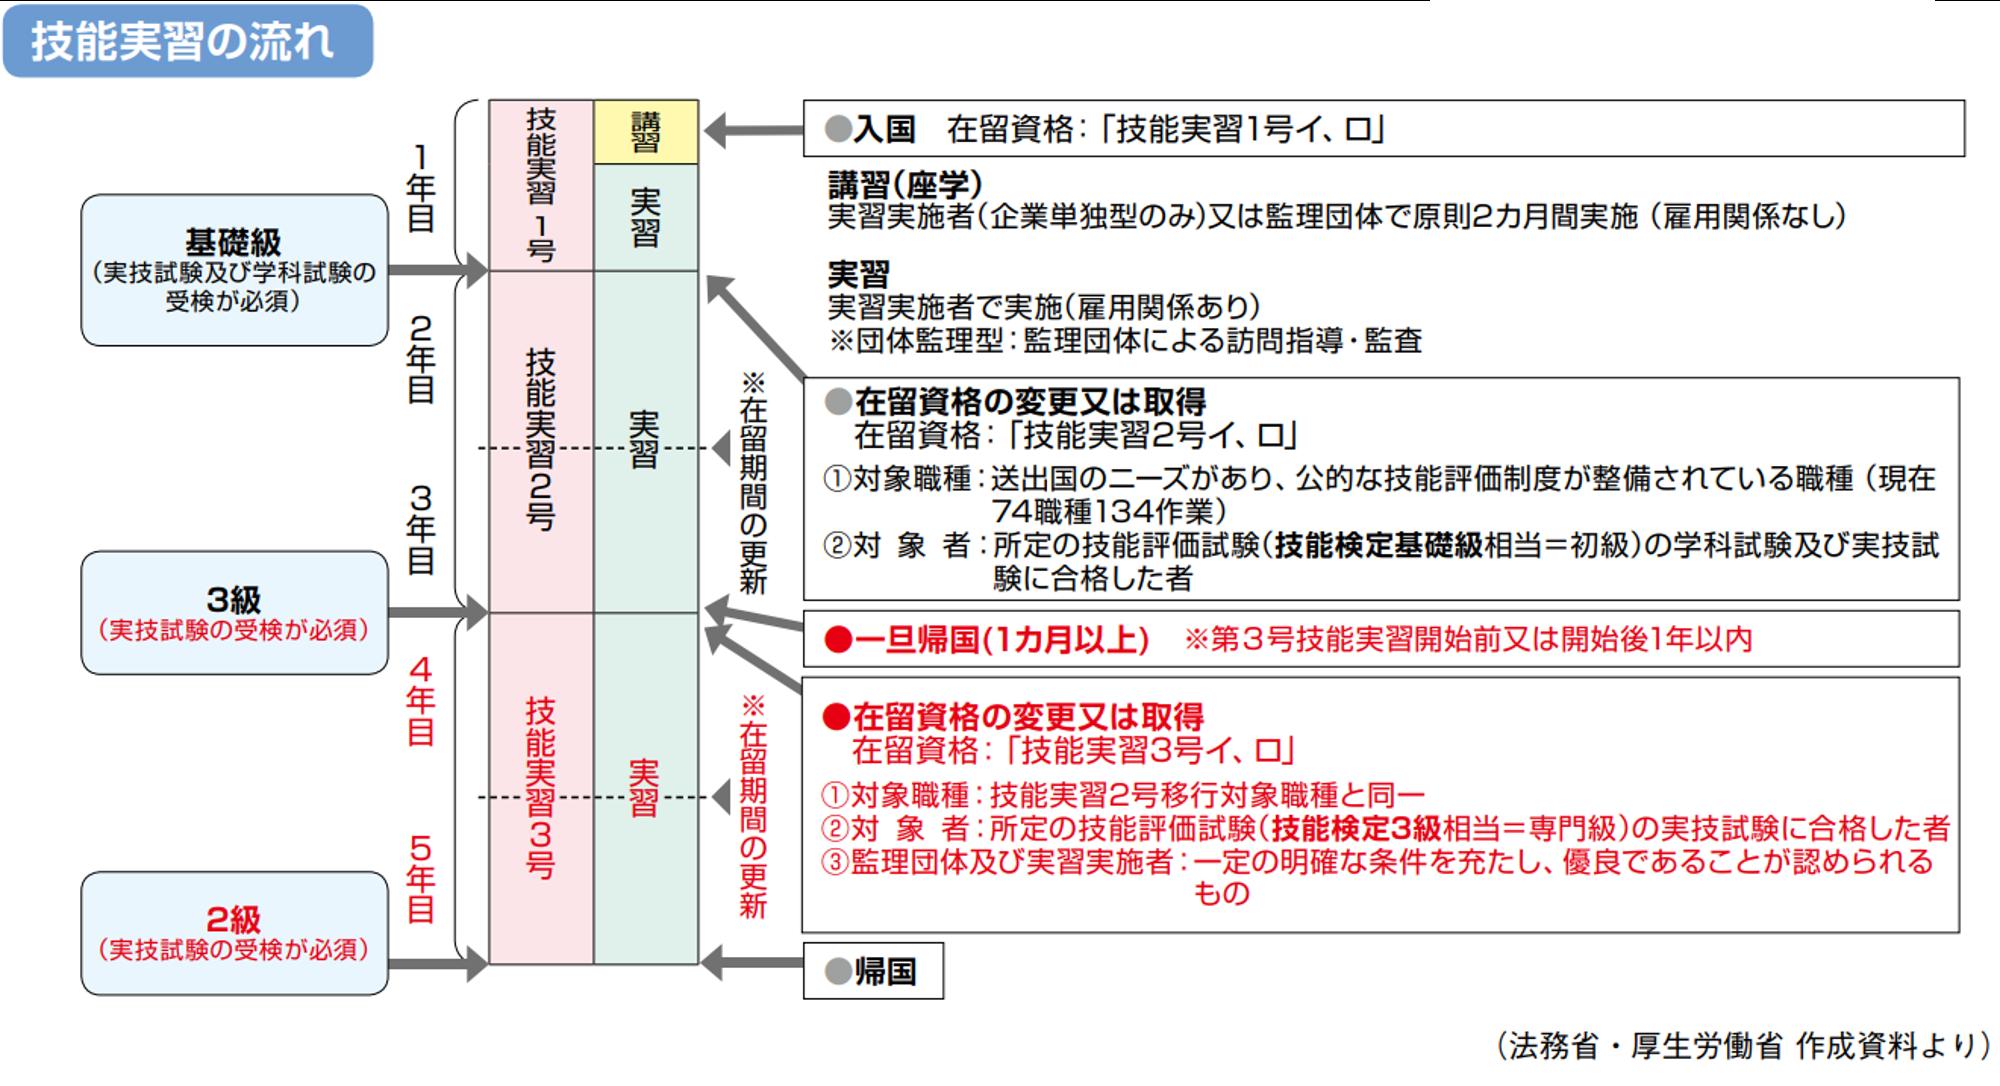 【制度見直し】2ページ目図.png